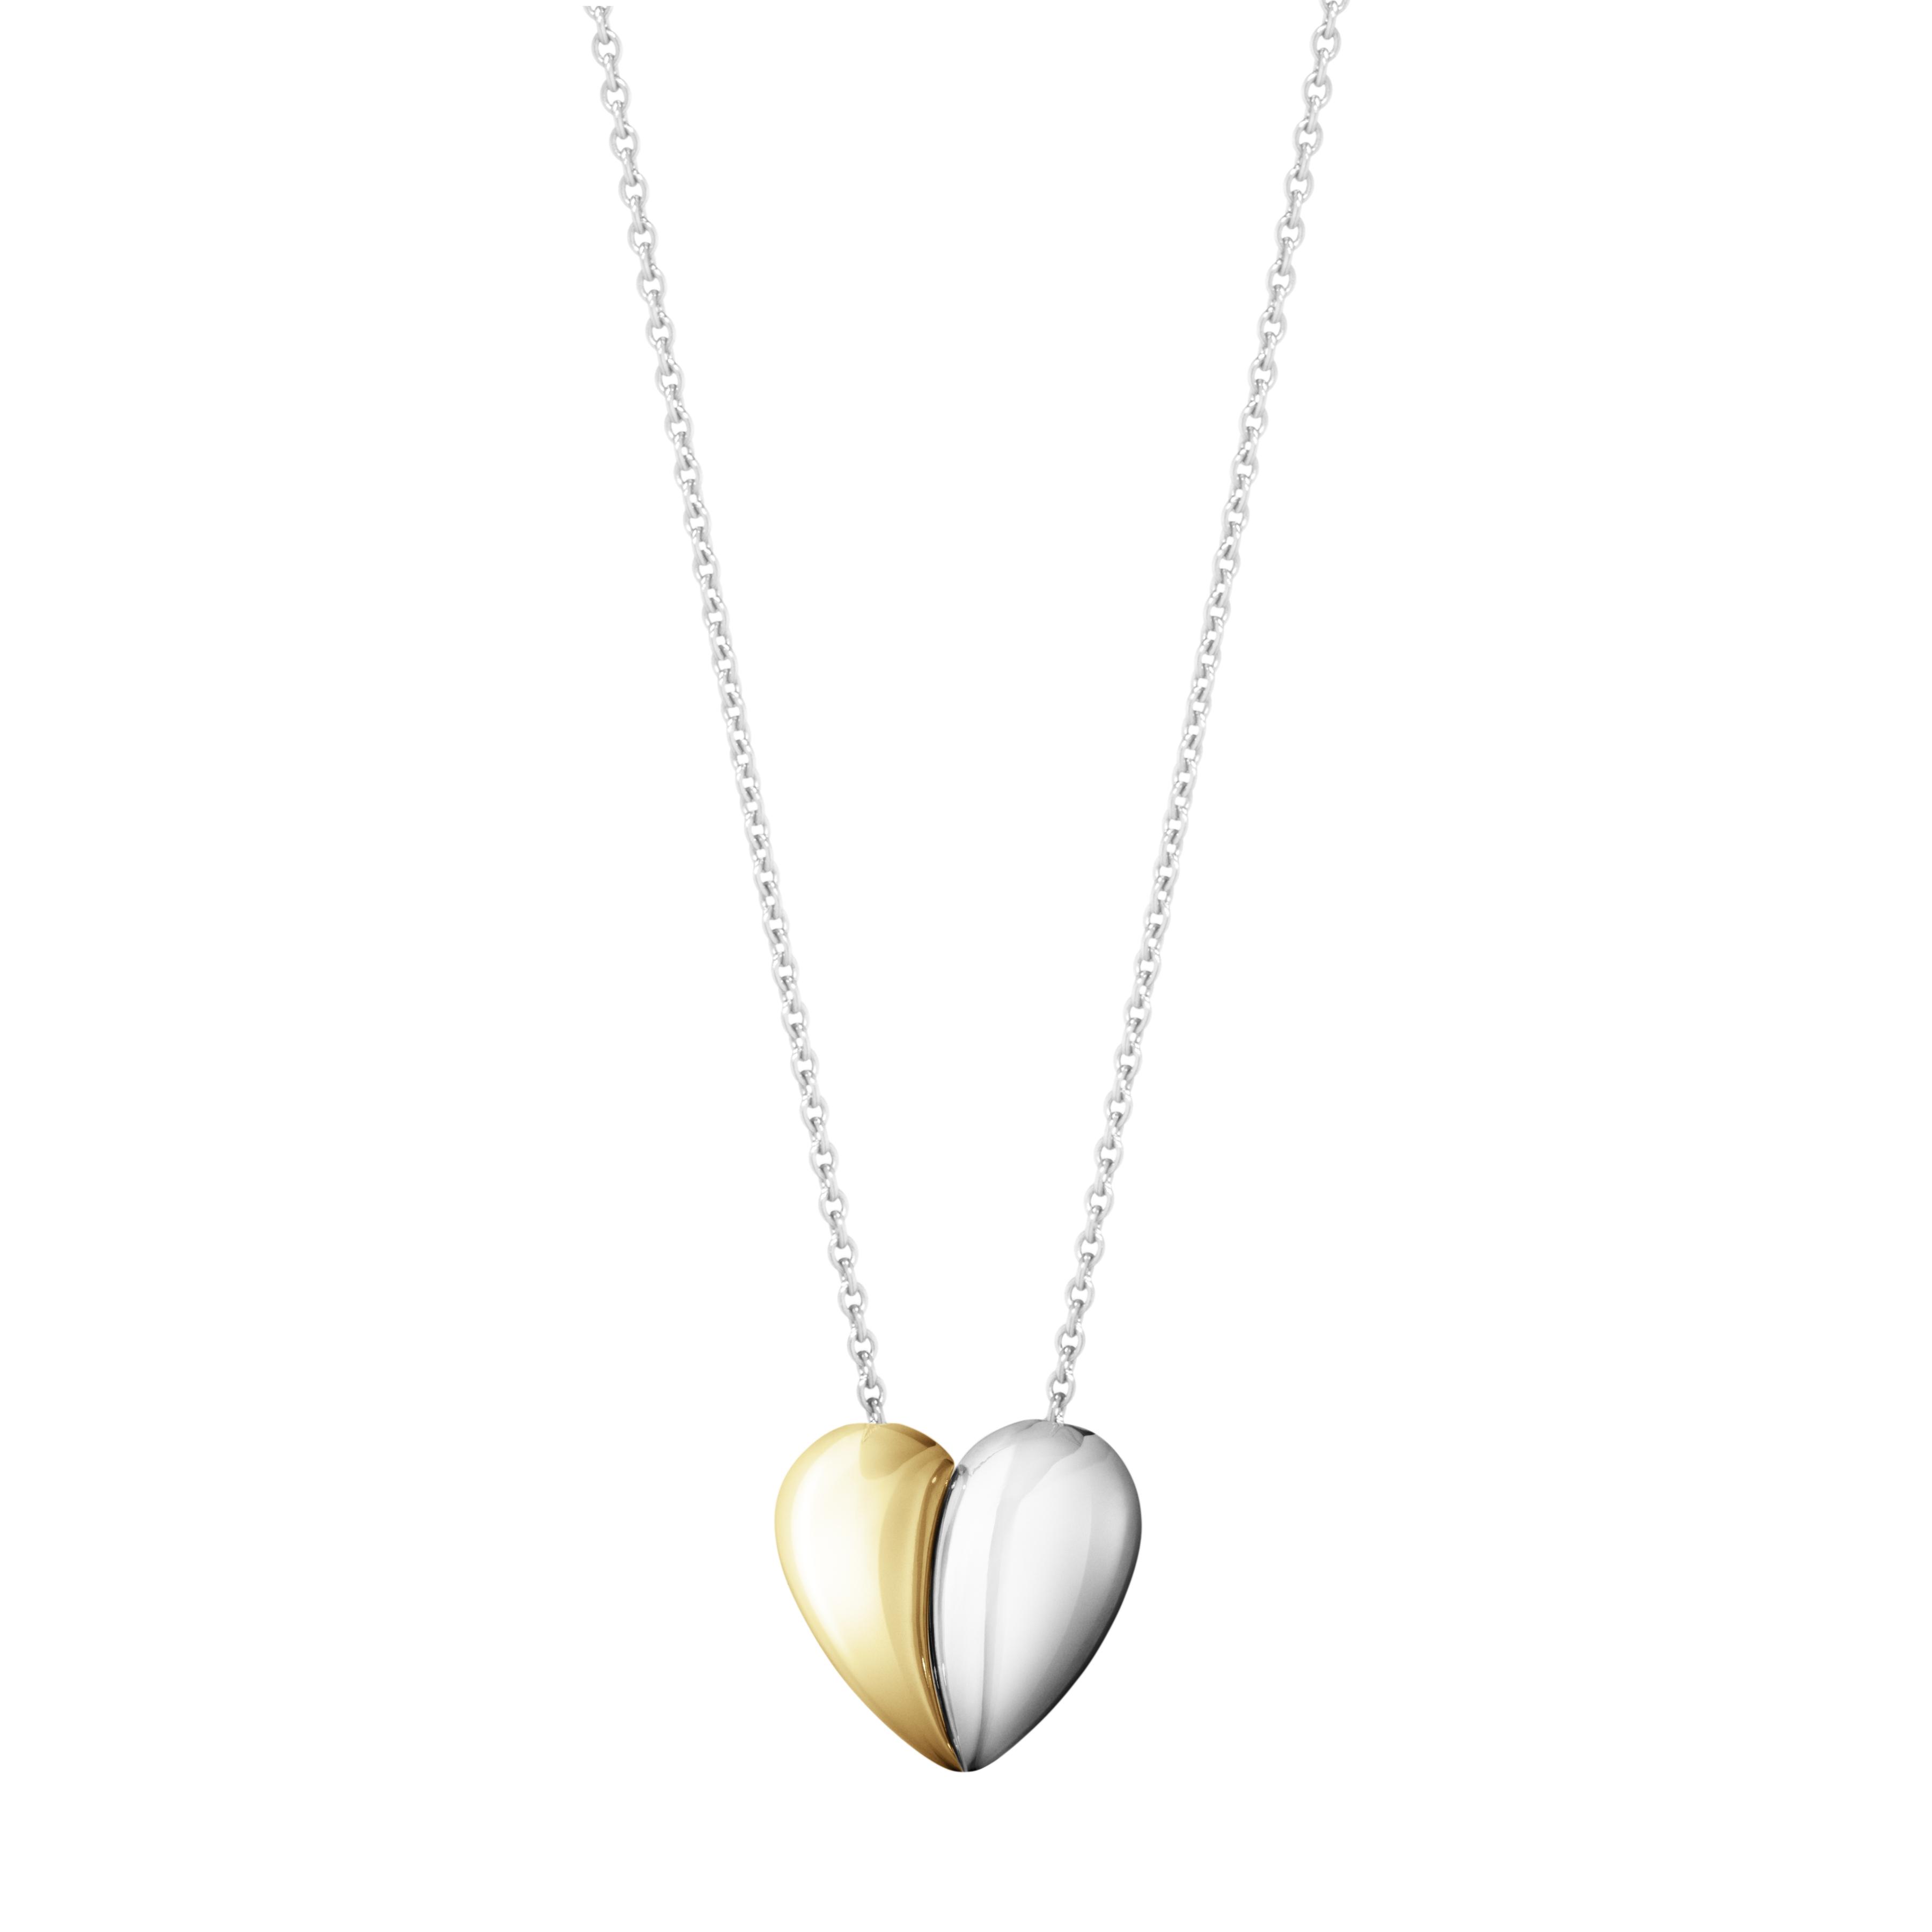 Image of Georg Jensen Curve Heart halskæde med guld - 10017505